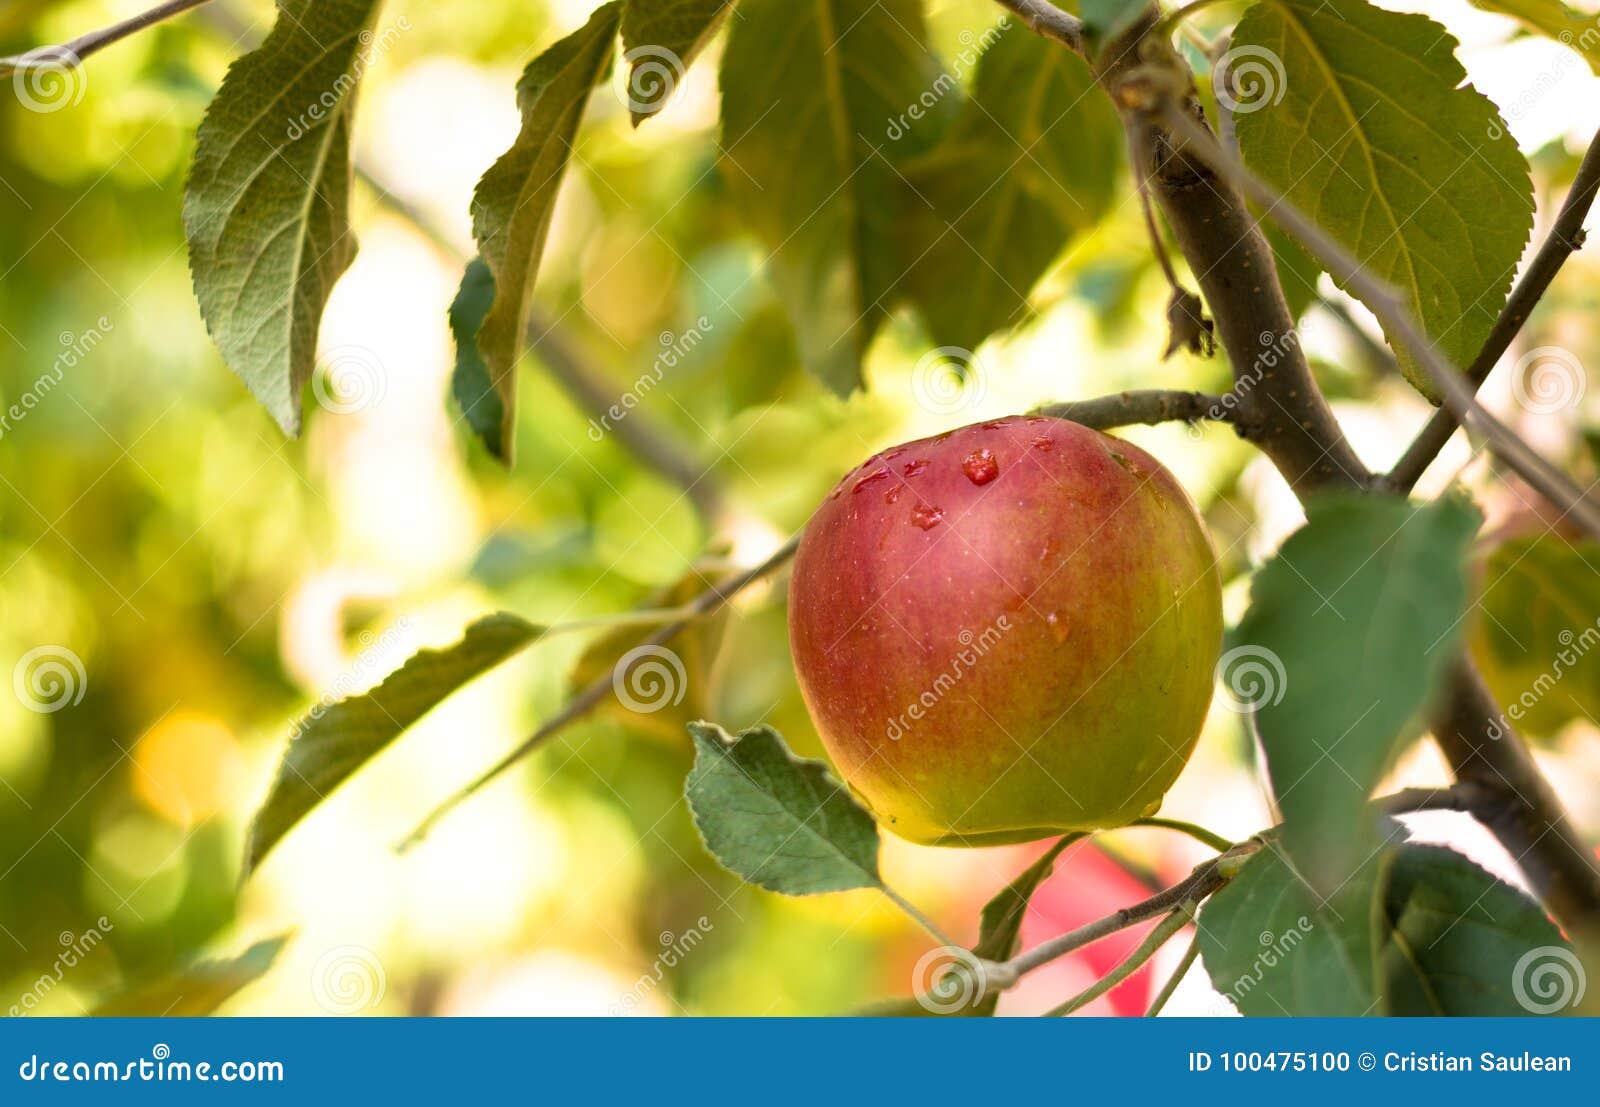 Frischer Apfel im Baum